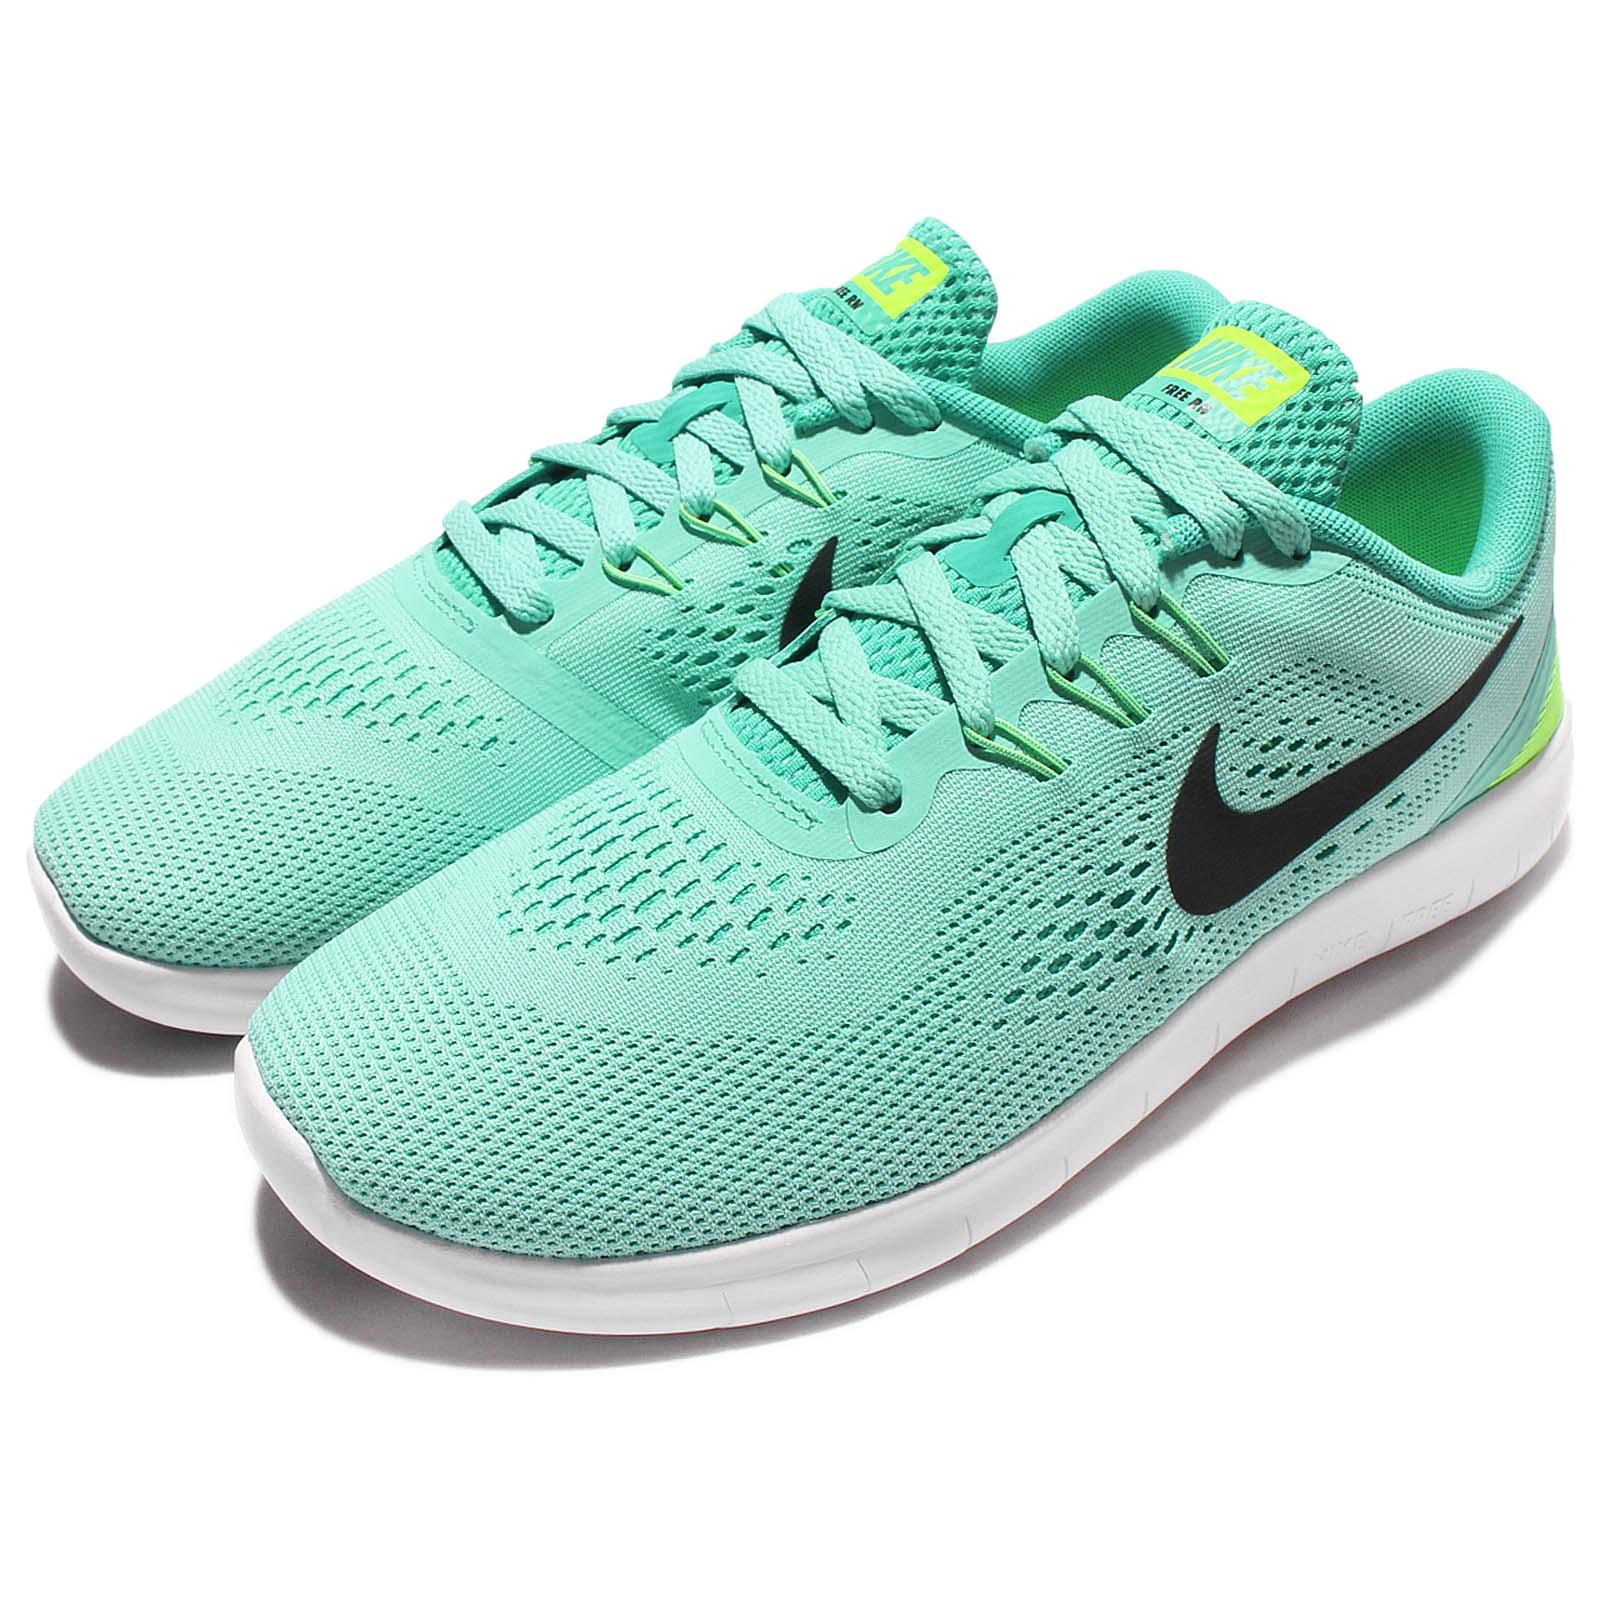 Nike 慢跑鞋 Free RN GS 女鞋 833993-300